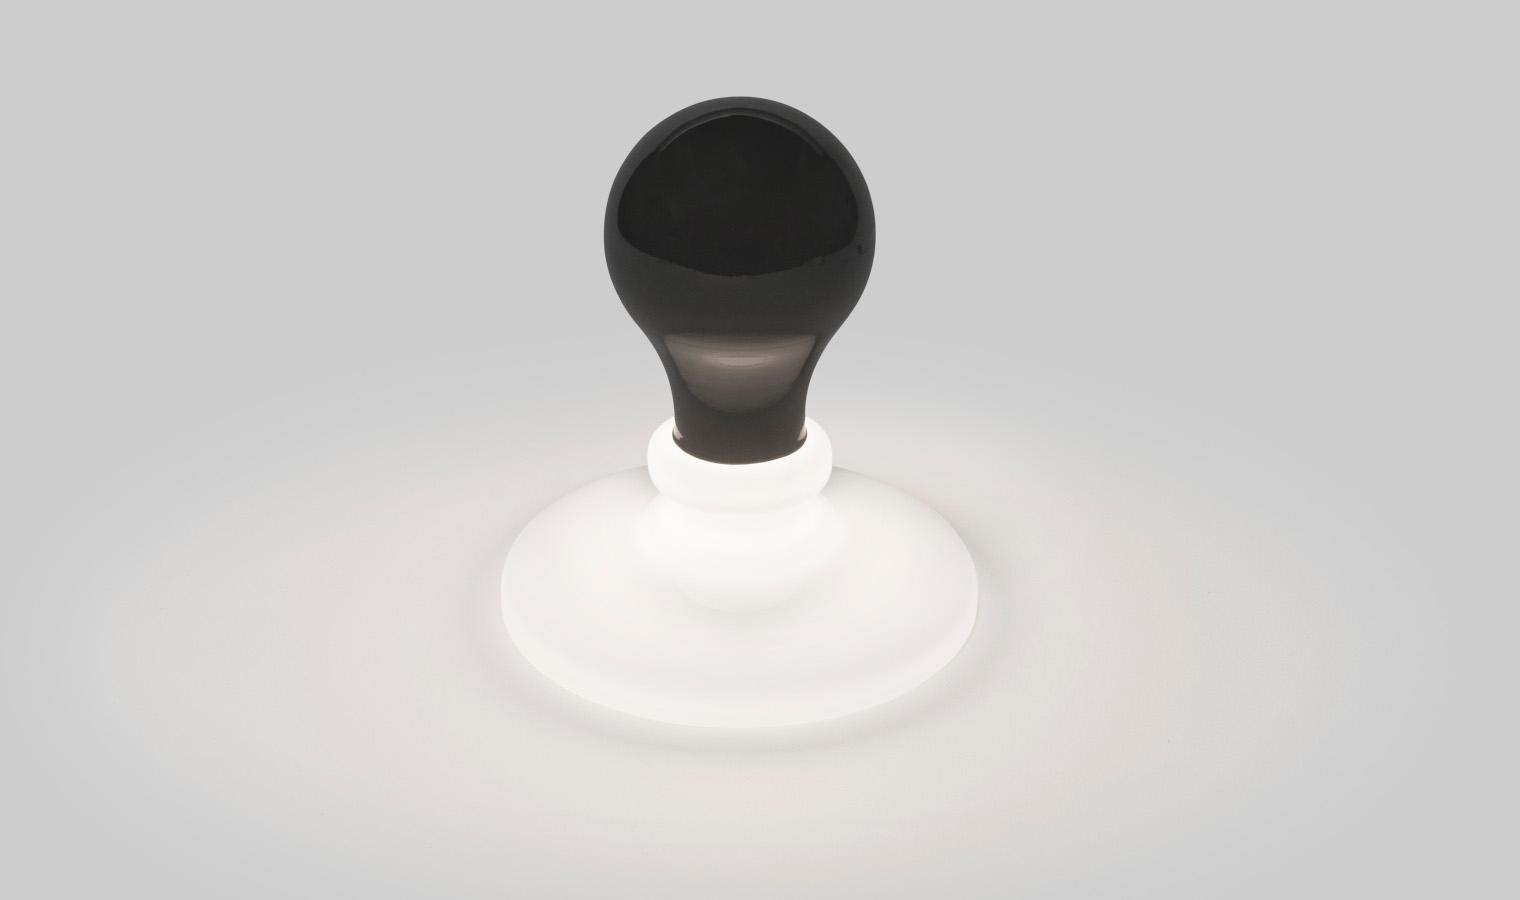 White-Light-und-Black-Light-von-James-Wines-für-Foscarini